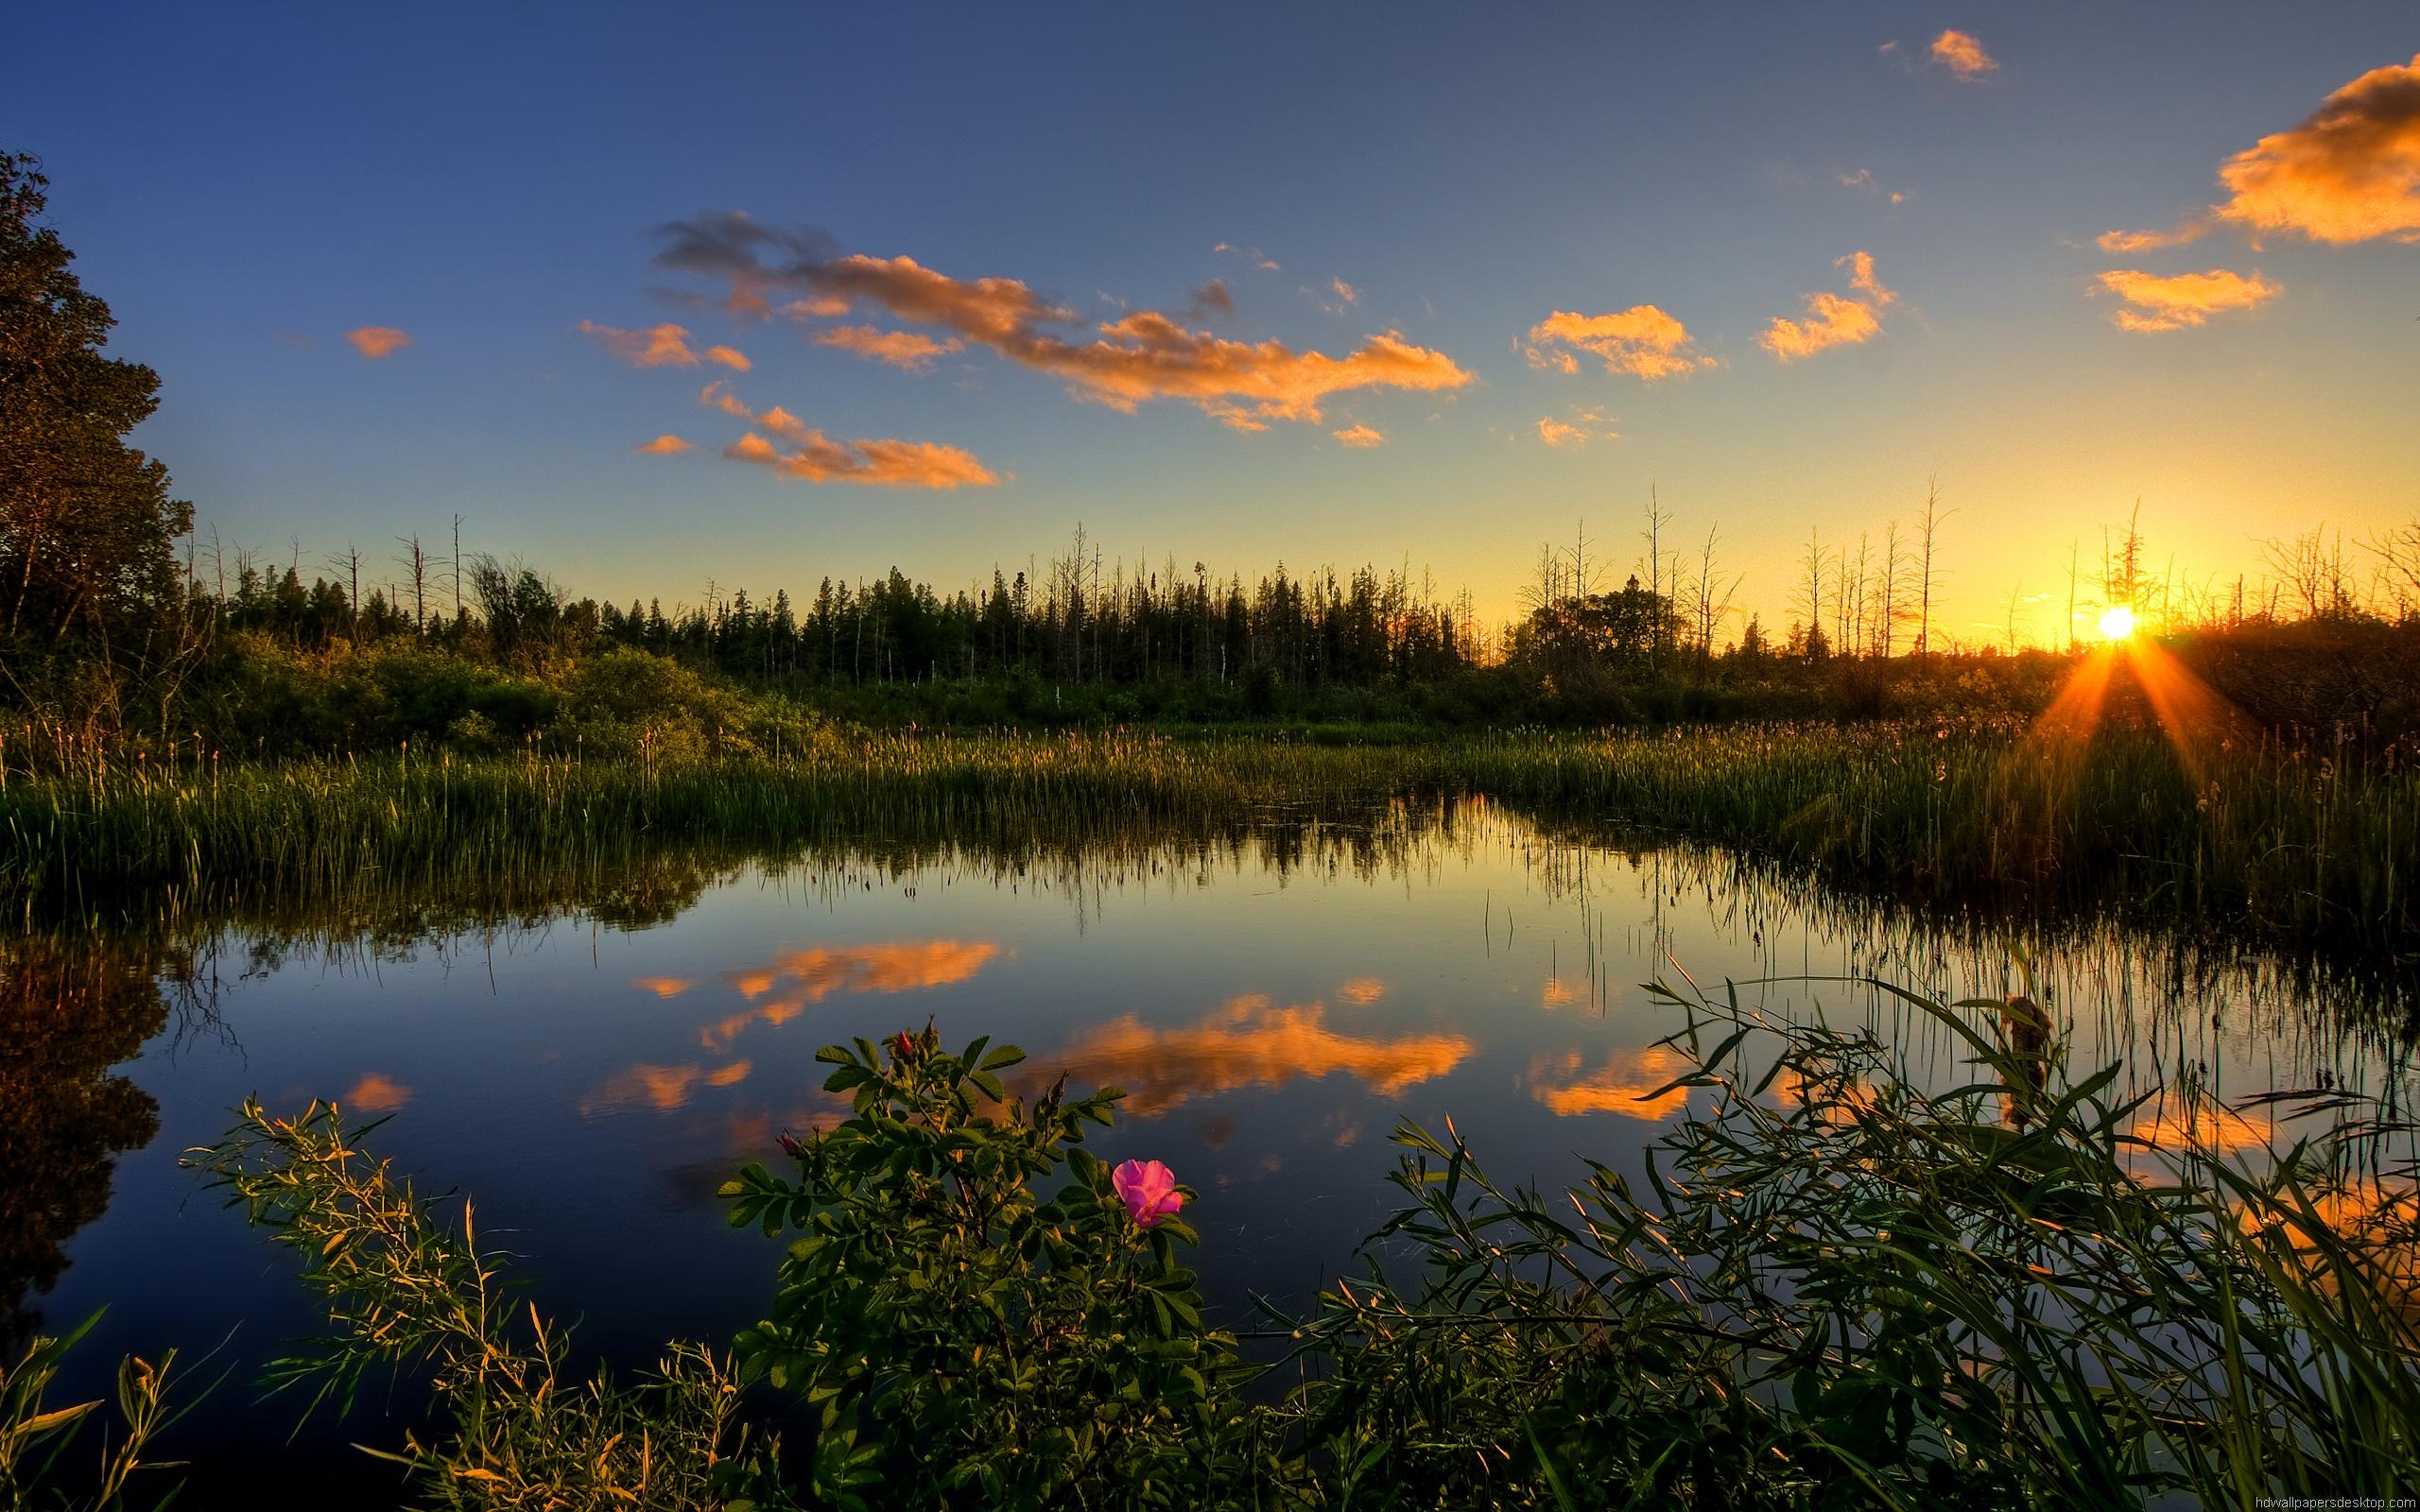 озеро в лесу на закате  № 380272 загрузить